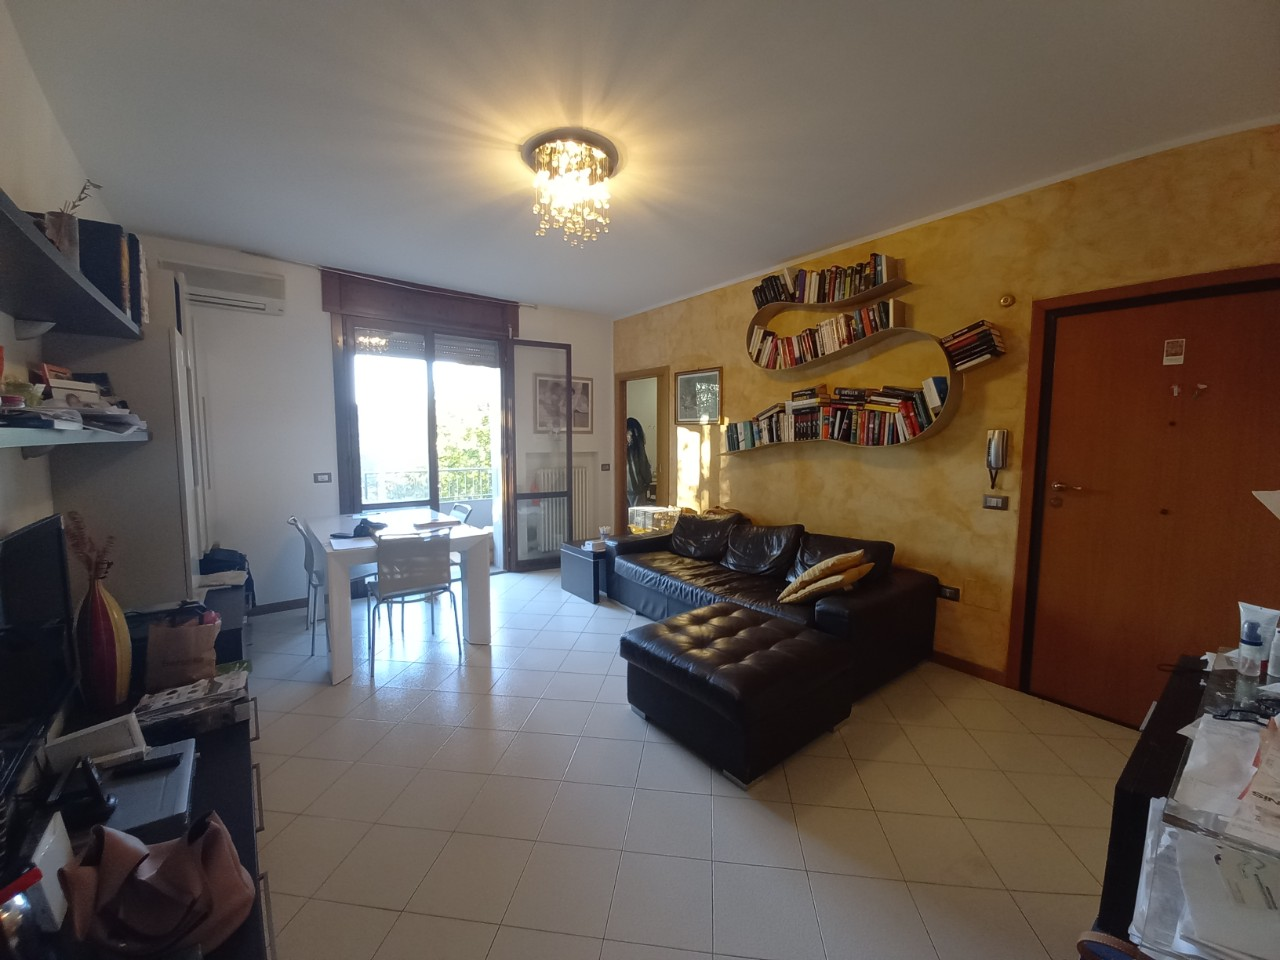 Appartamento in vendita Forli Zona Buscherini